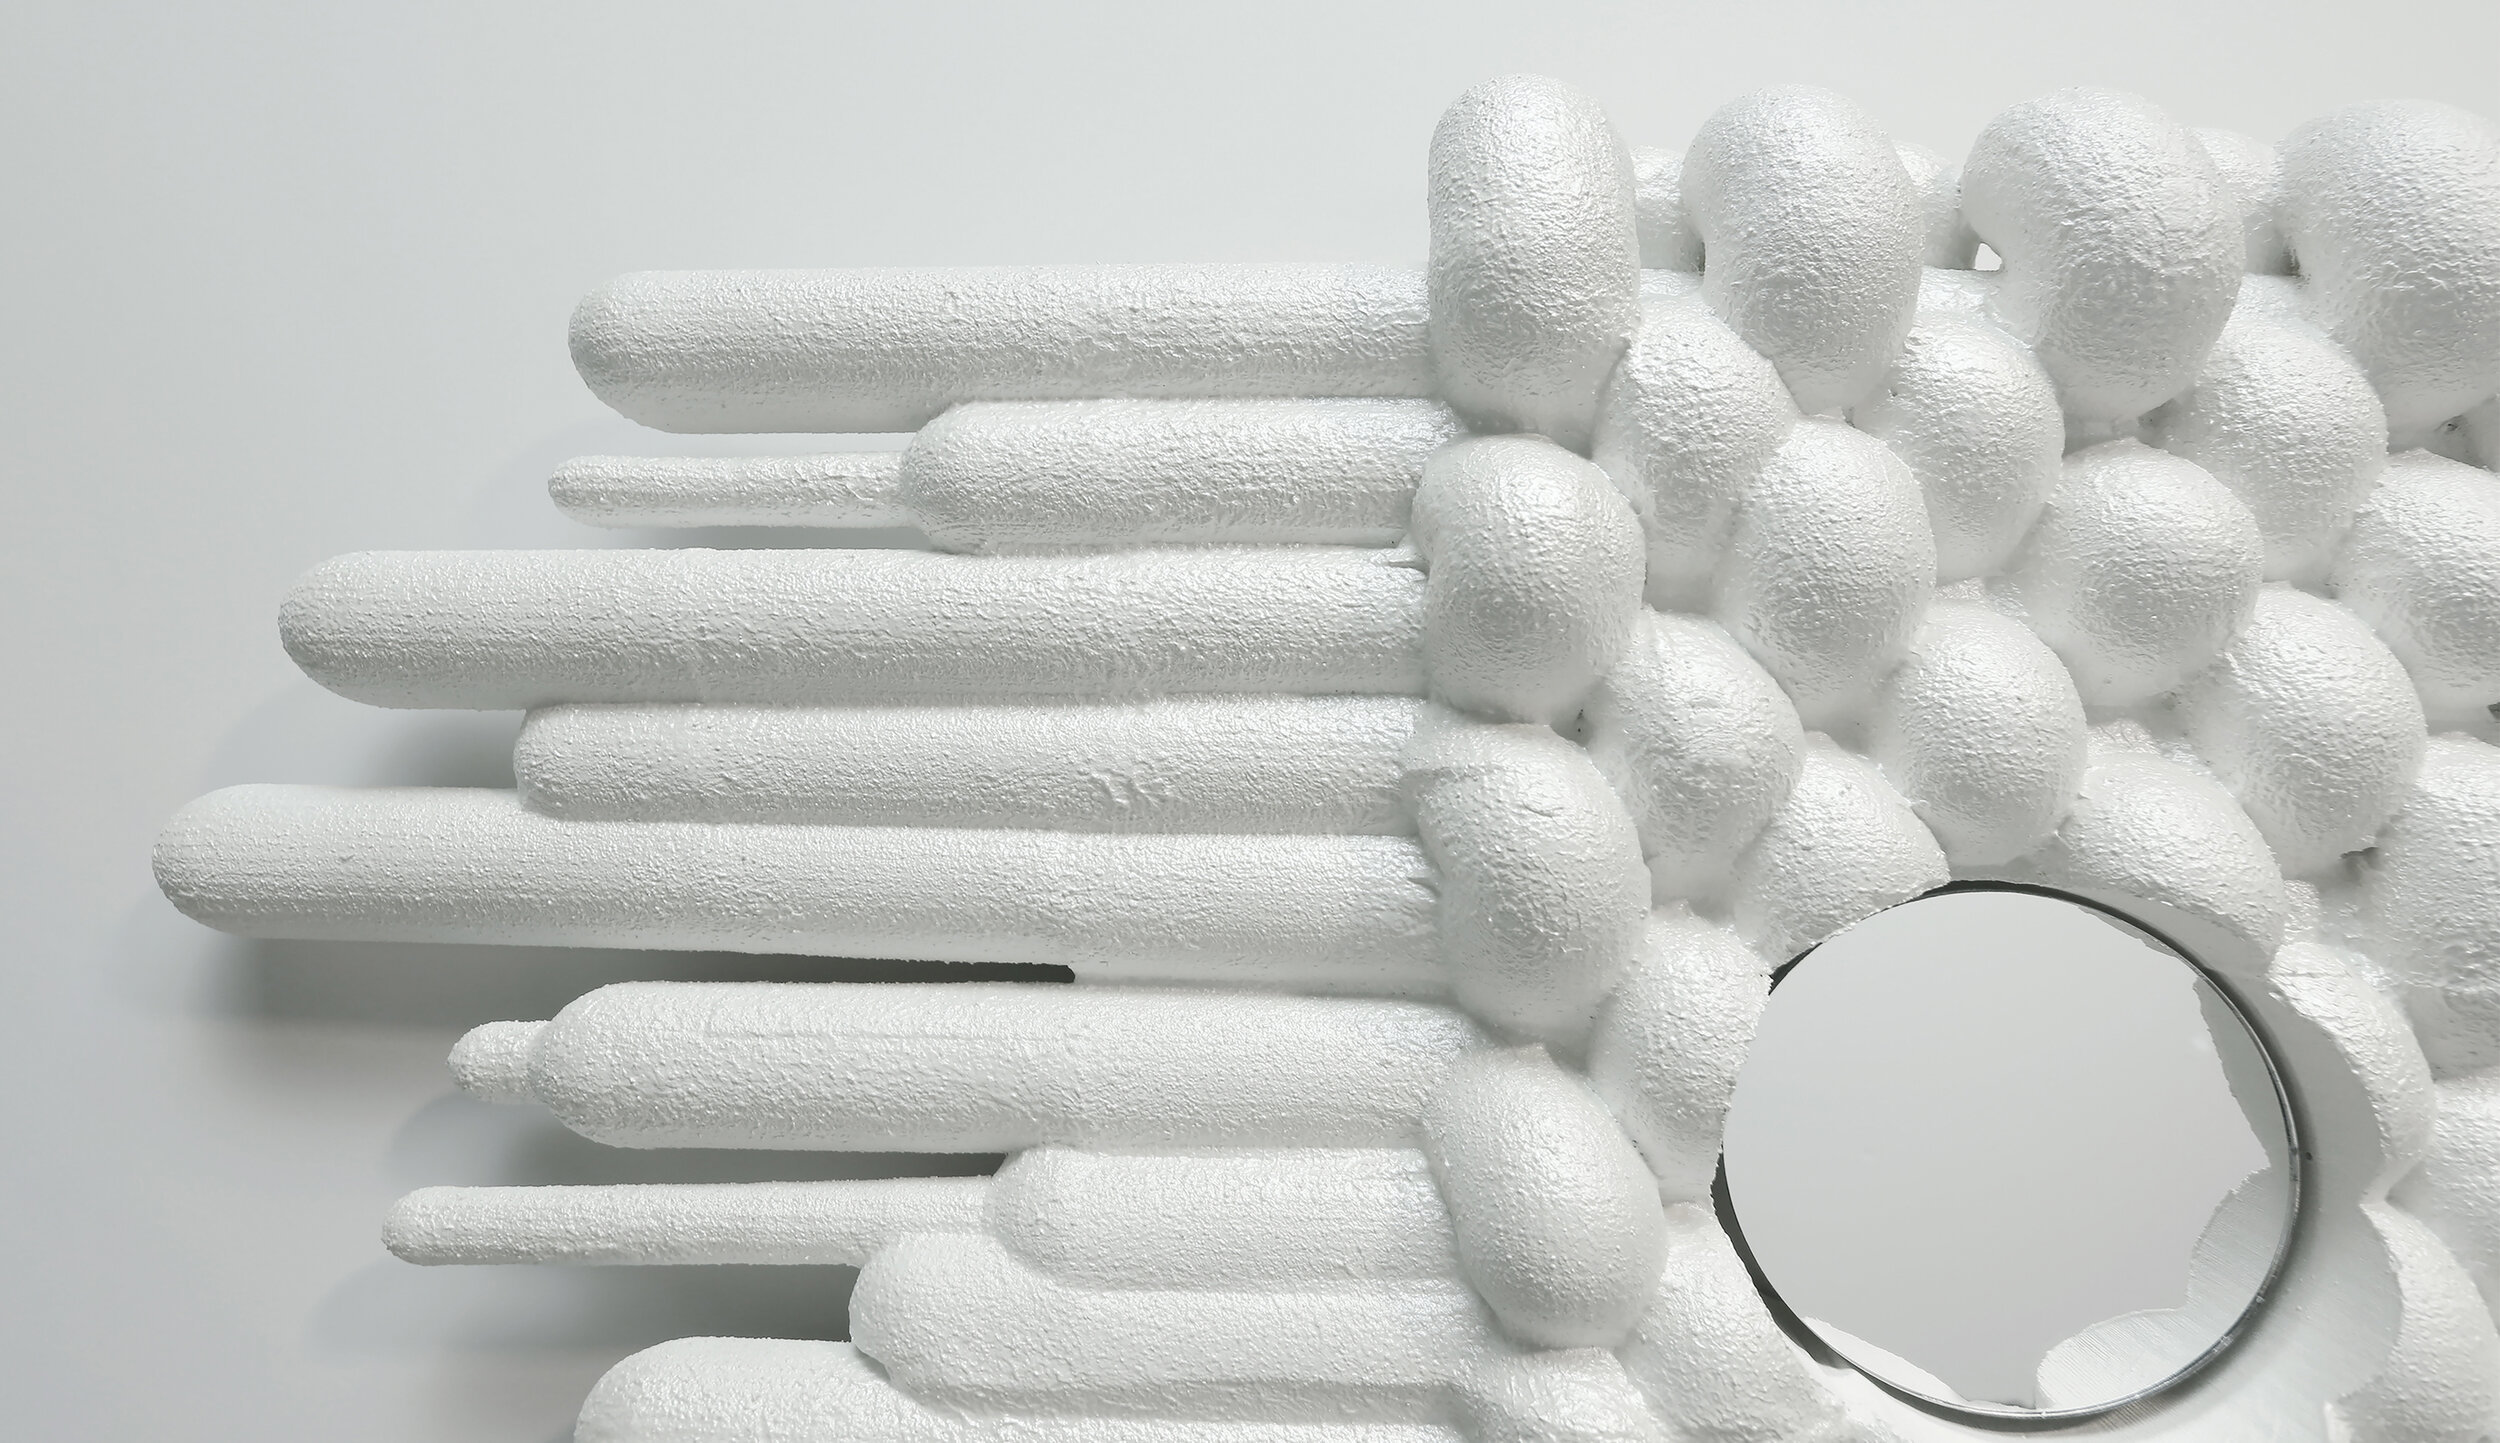 white on white foam model